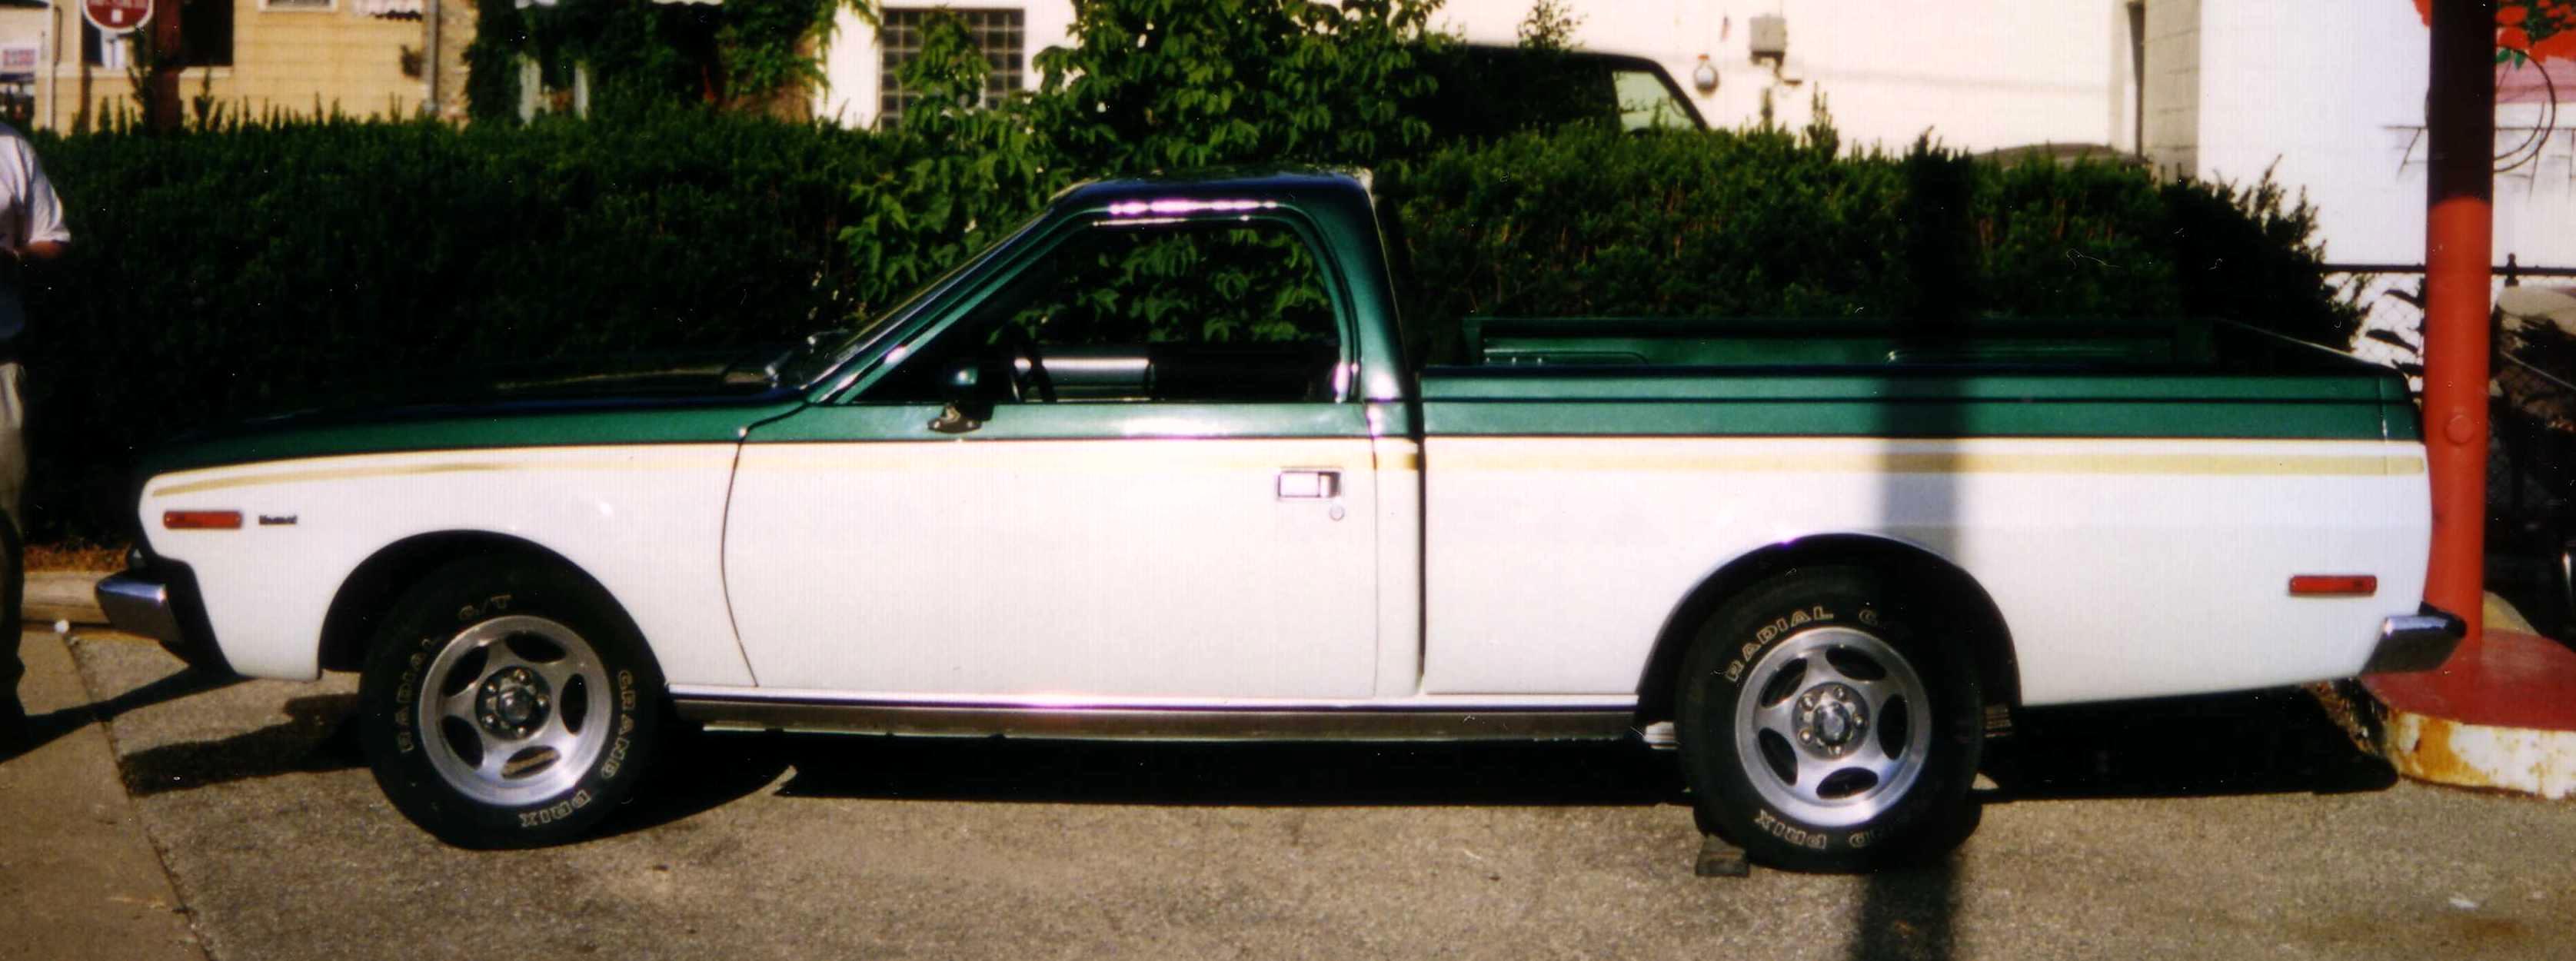 1970 amc cowboy pickup archive el camino central forum 1970 amc cowboy pickup archive el camino central forum chevrolet el camino forums